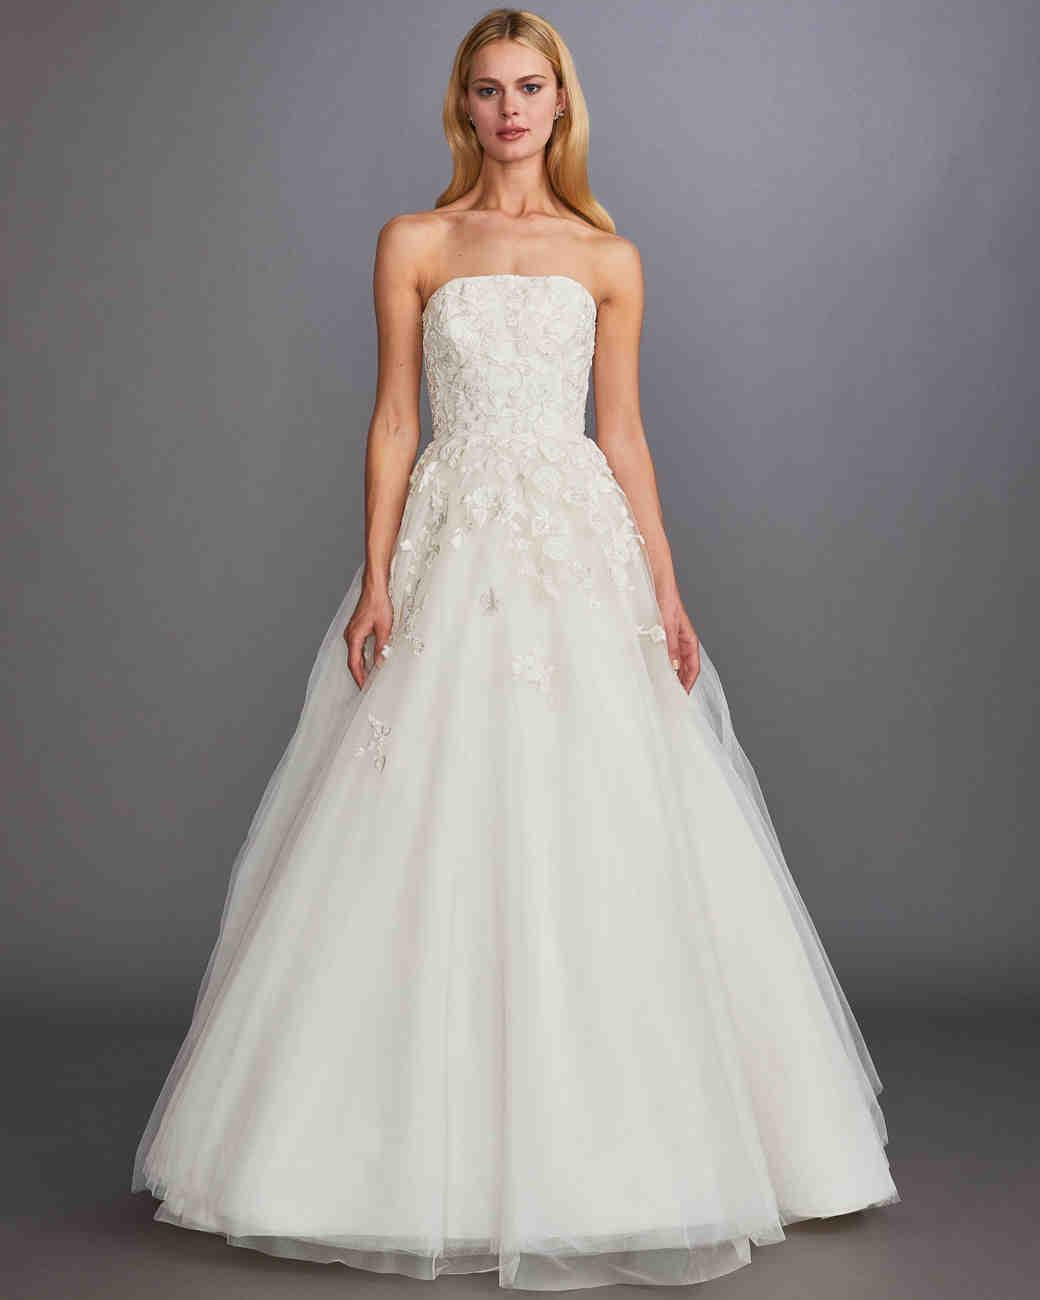 4915ffdf9f1a0 Allison Webb Spring 2020 Wedding Dress Collection | Martha Stewart Weddings